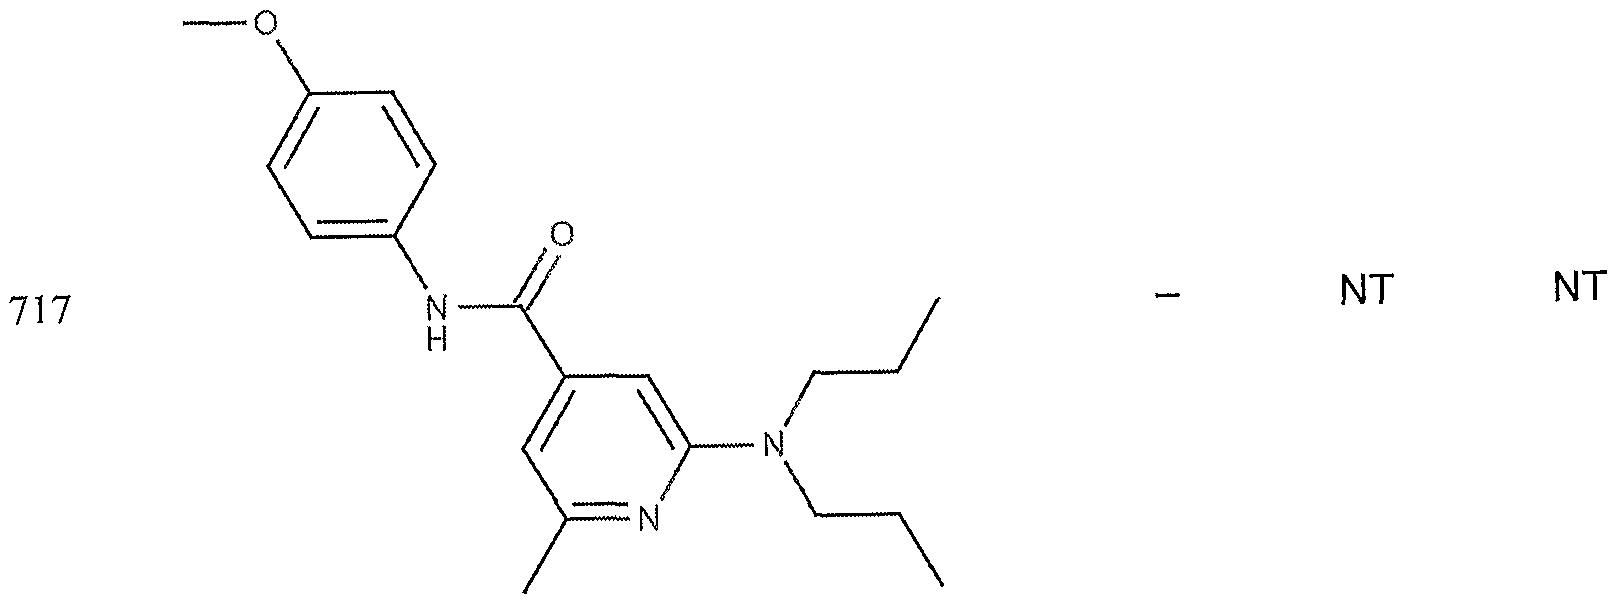 Figure imgf000269_0003